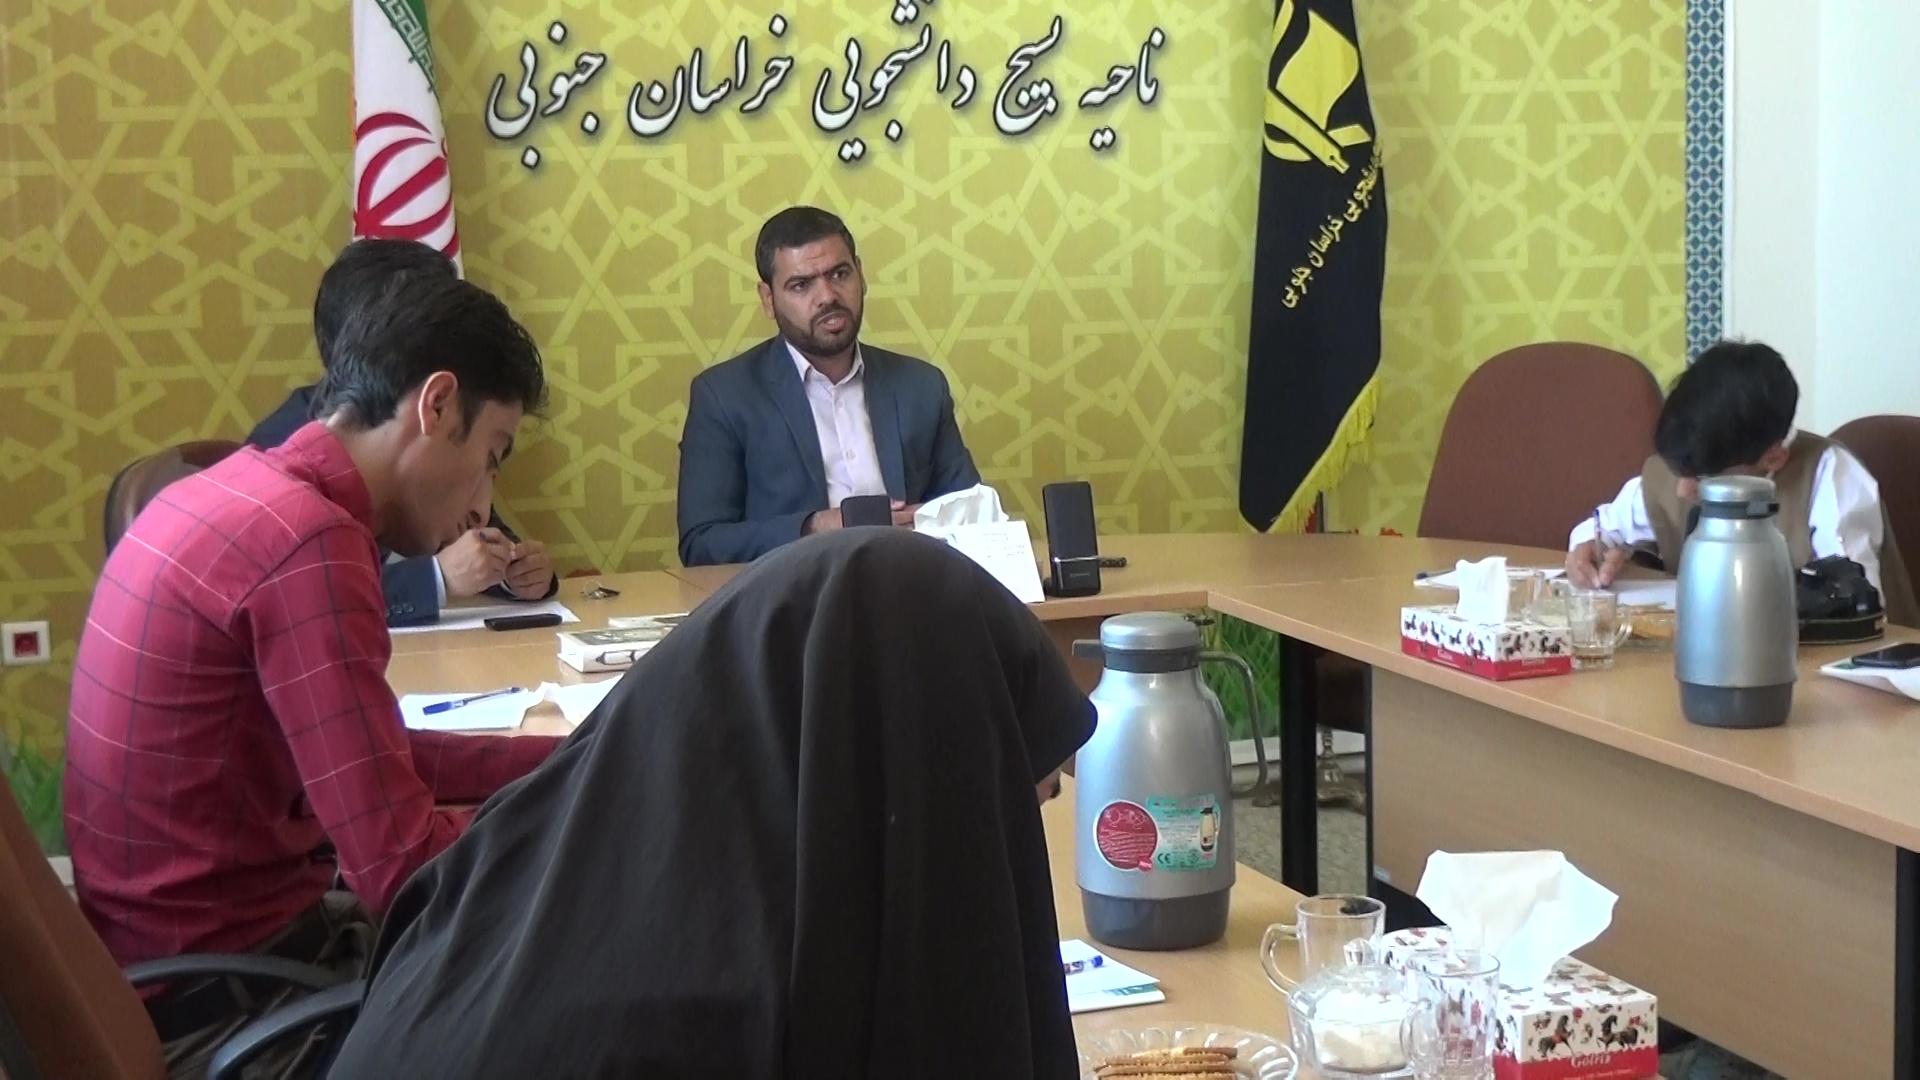 آغاز اعزام 30 گروه جهادی دانشجویی،تابستان امسال به مناطق محروم